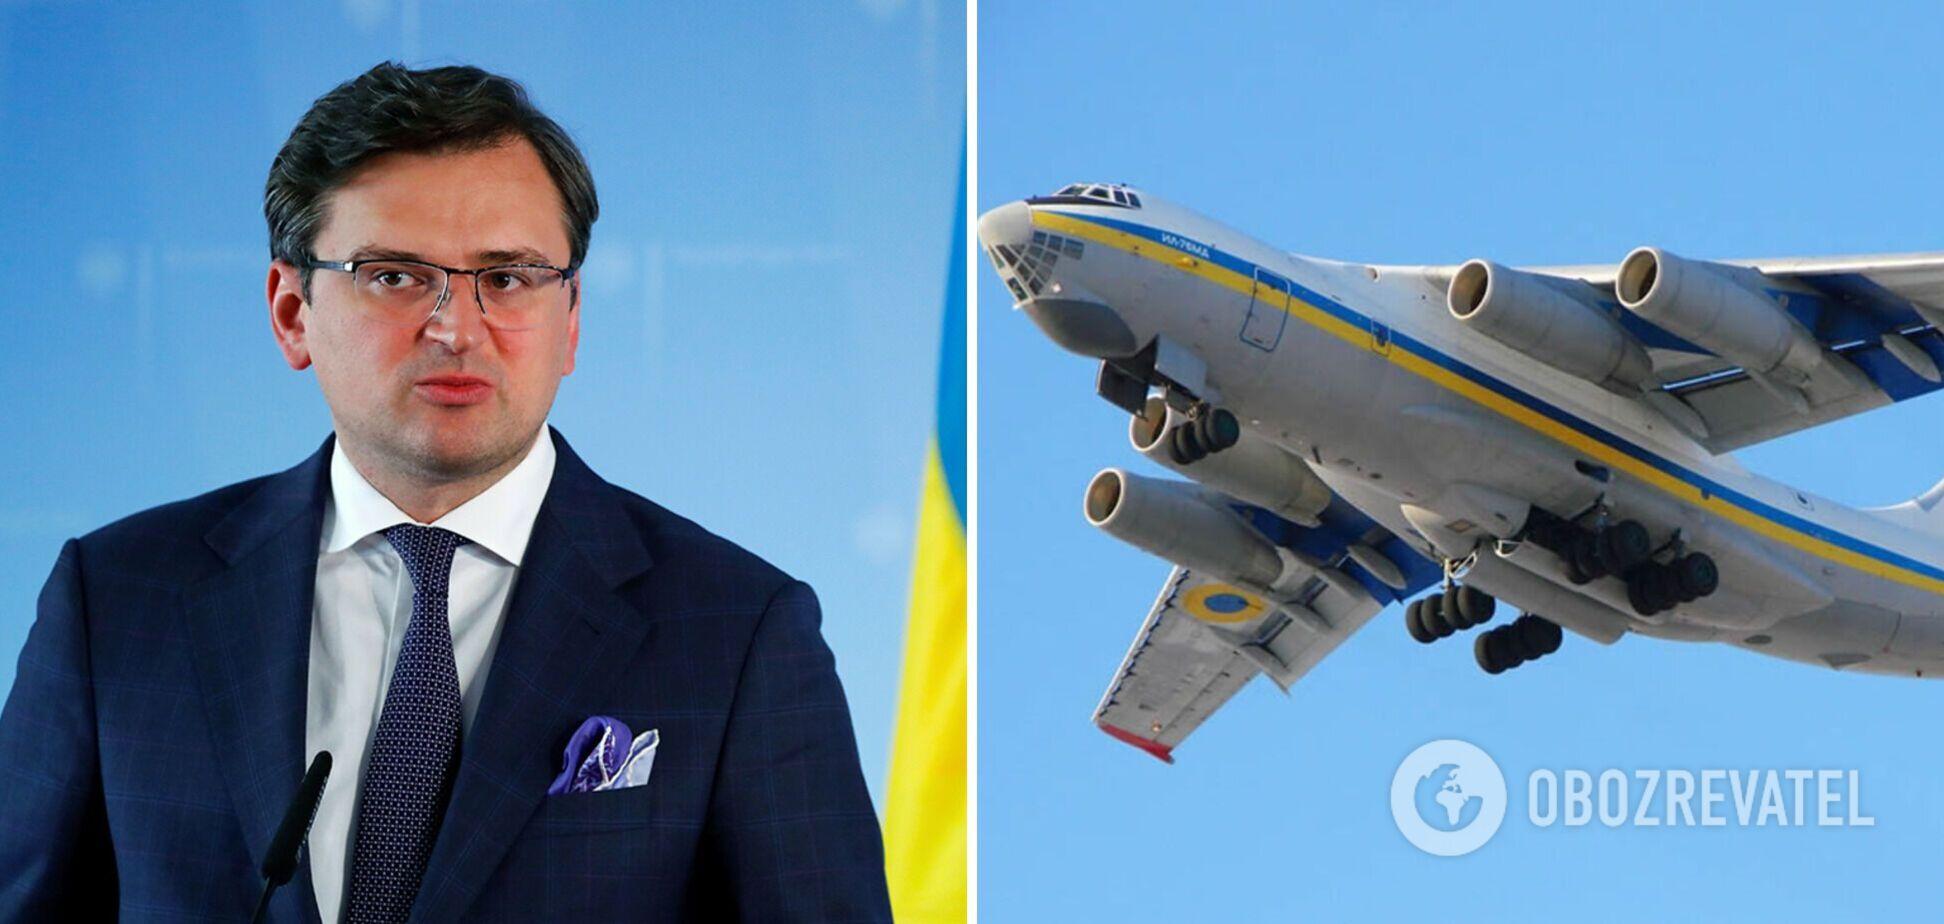 Кулеба на 'Крымской платформе': из Афганистана вылетел еще один самолет с украинцами